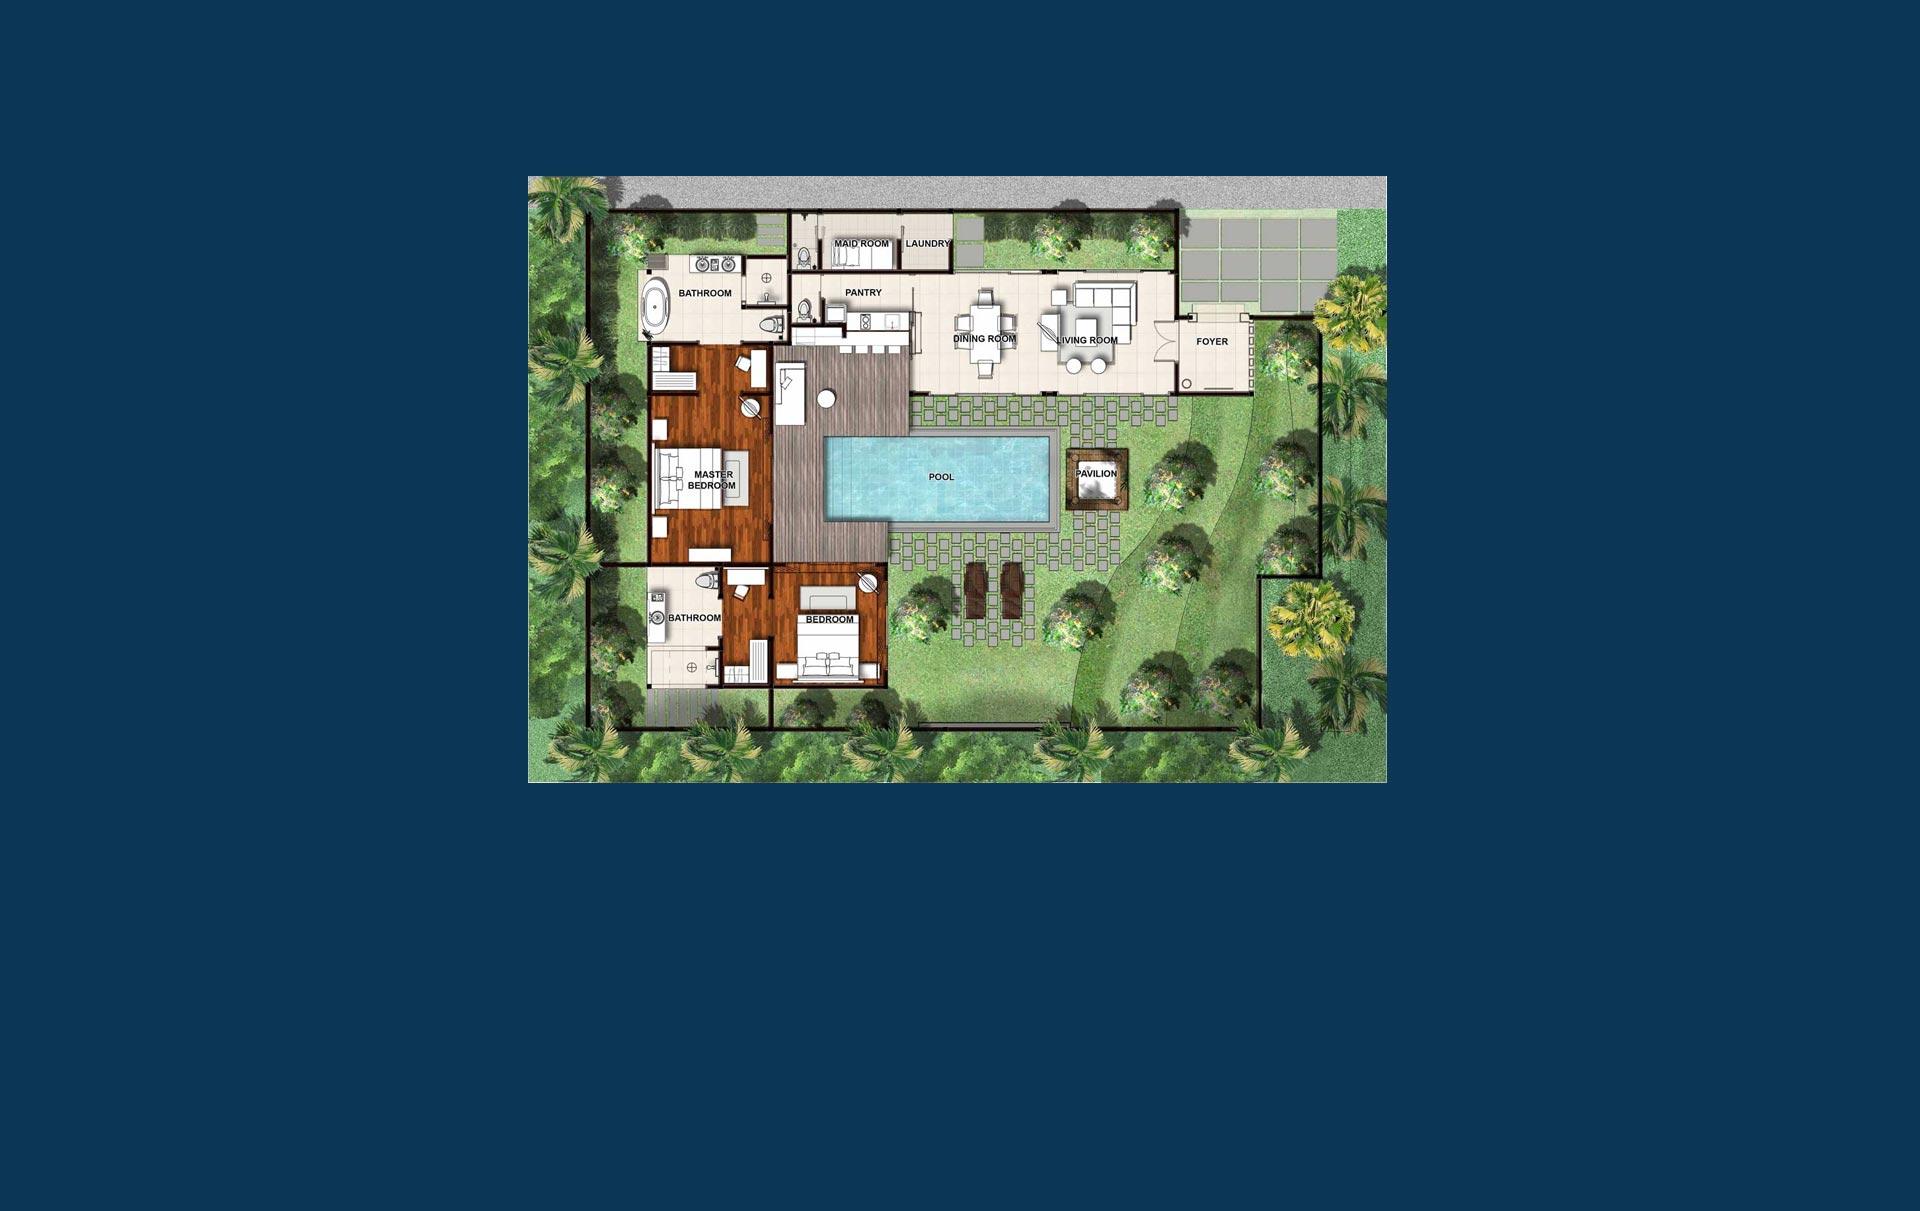 2 Bedroom Villa Floorplan